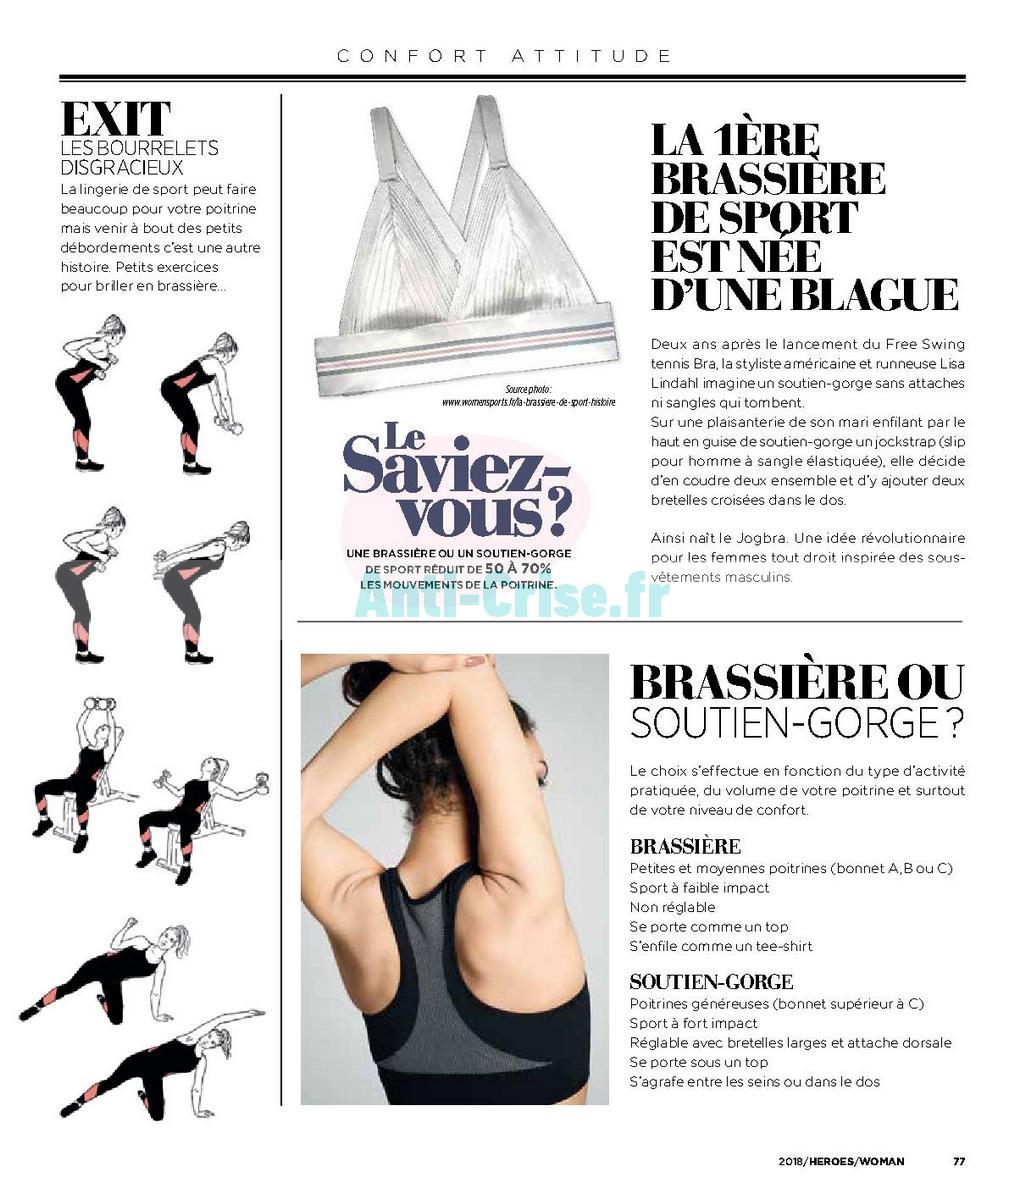 decembre2018 Catalogue Go Sport du 28 avril au 31 décembre 2018 (Spécial Femme) (77)